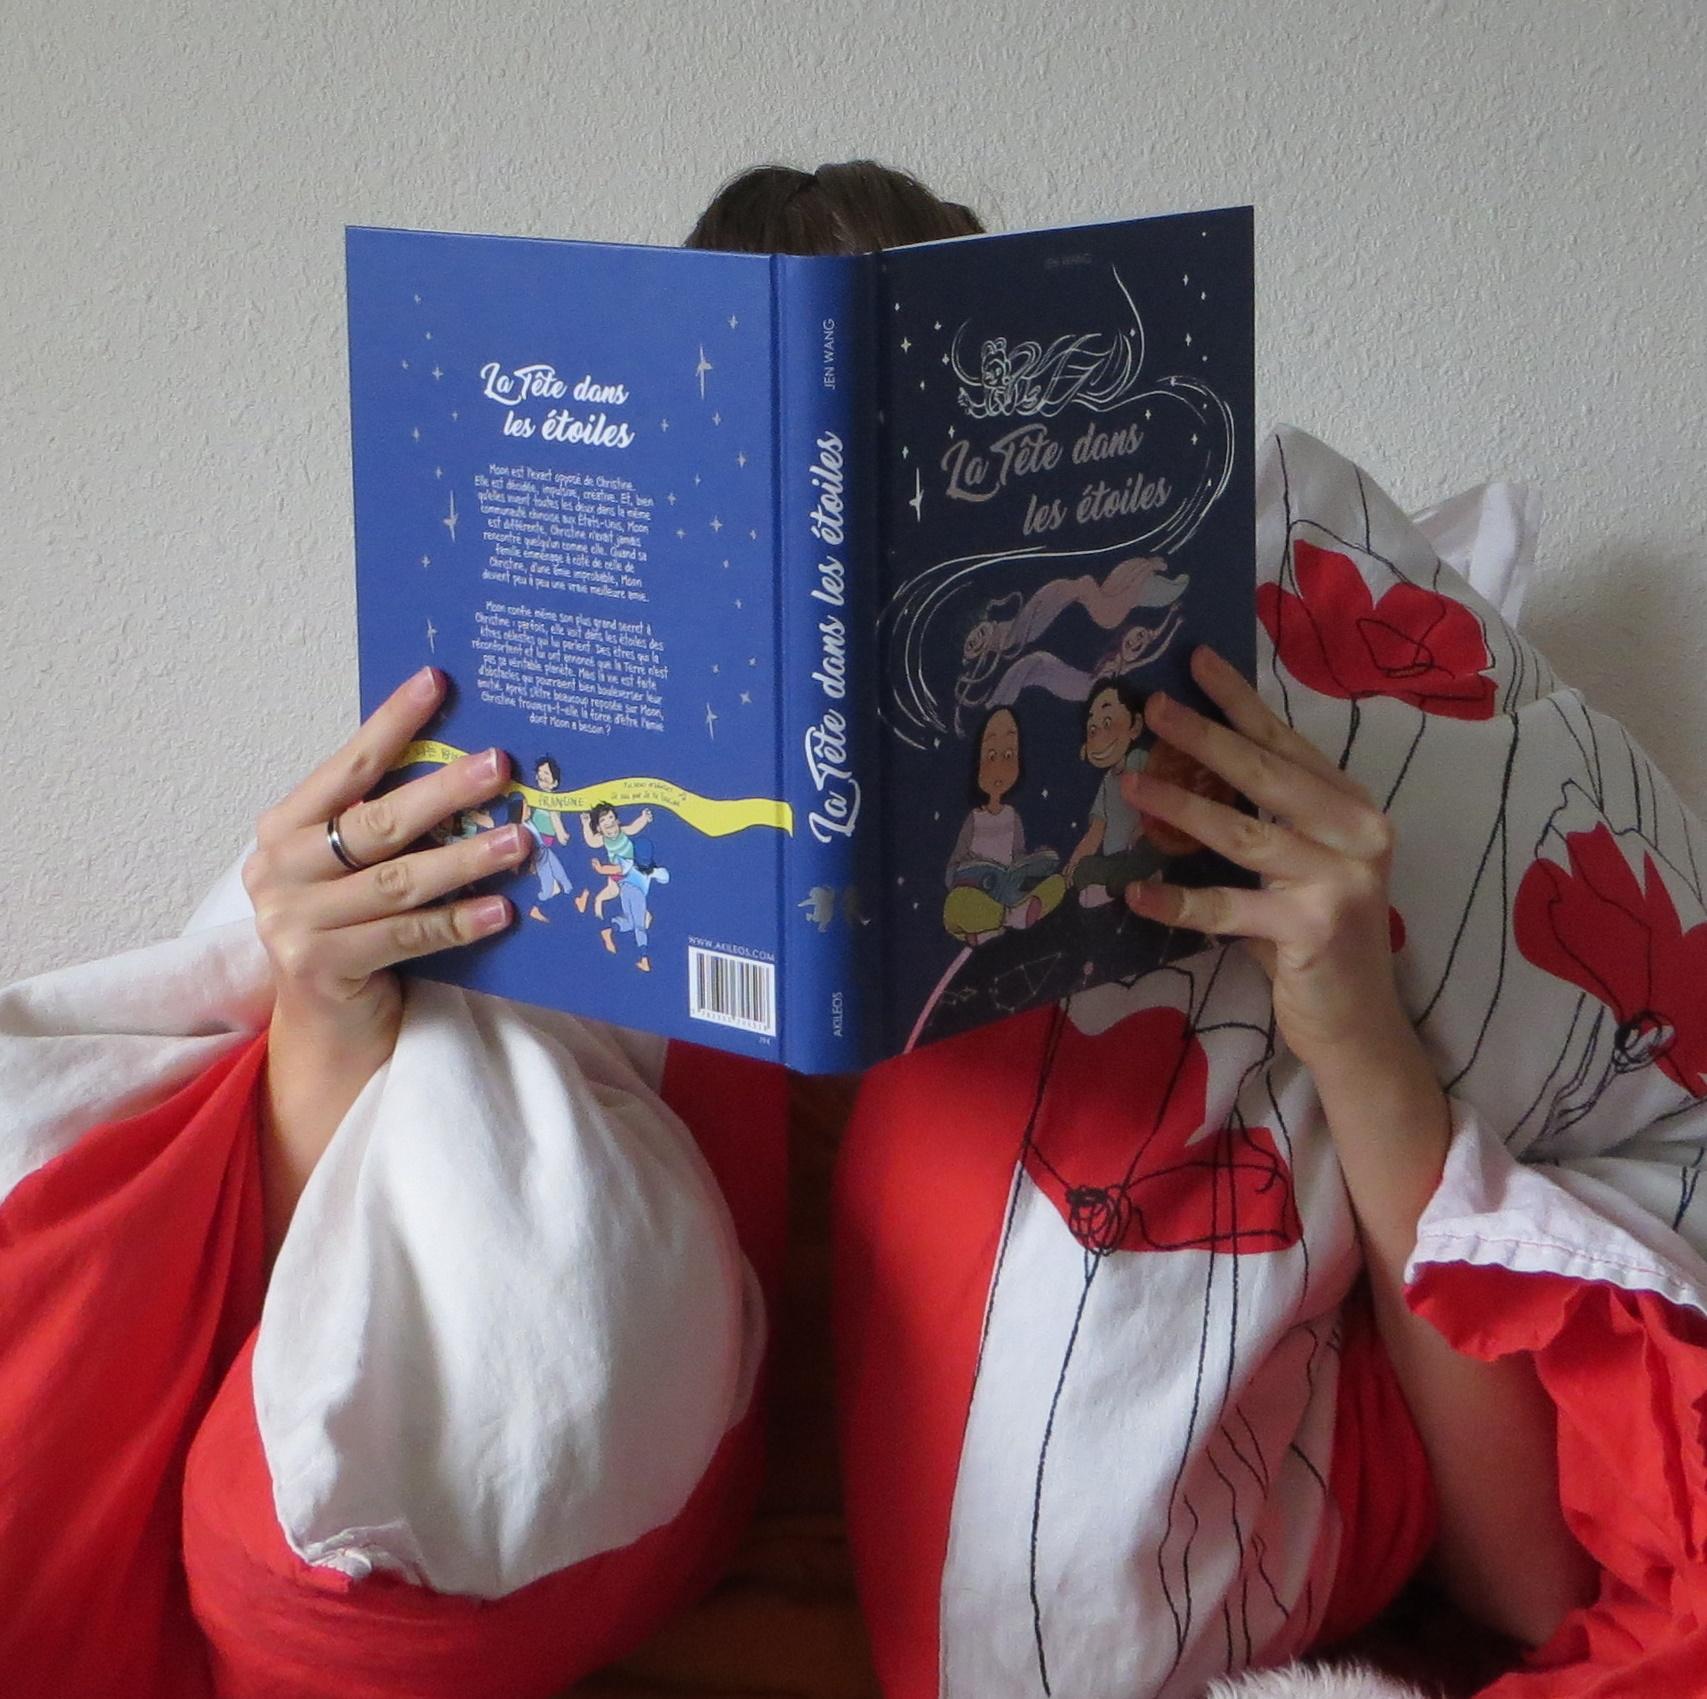 personne lisant La tête dans les étoiles, blottie dans une couverture